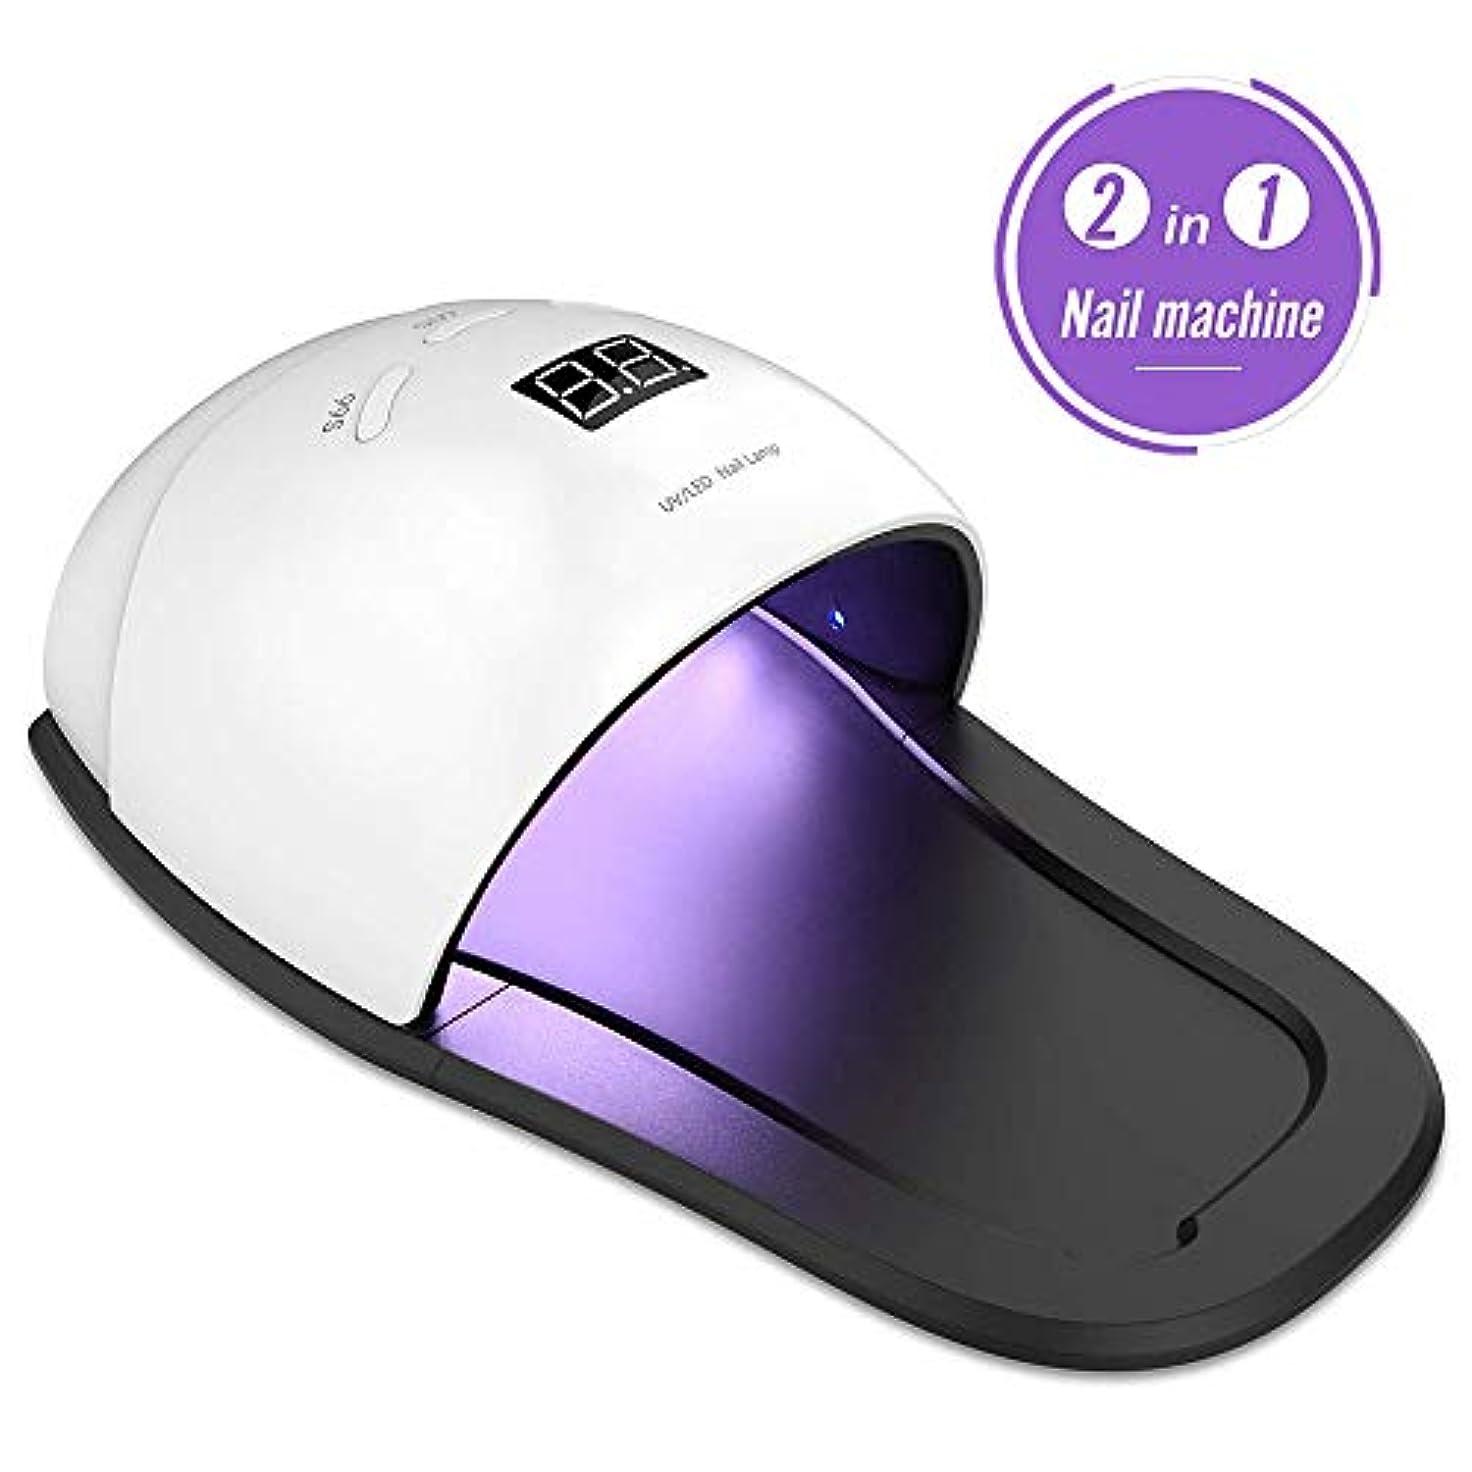 金属人質忠実にネイルランプ、LED 48W UVネイルドライヤー、足指ネイルと指ネイルを硬化させるための新バージョン、スマート自動感知3タイマー設定、ポータブルミニプロフェッショナルクイックLEDネイルキュア